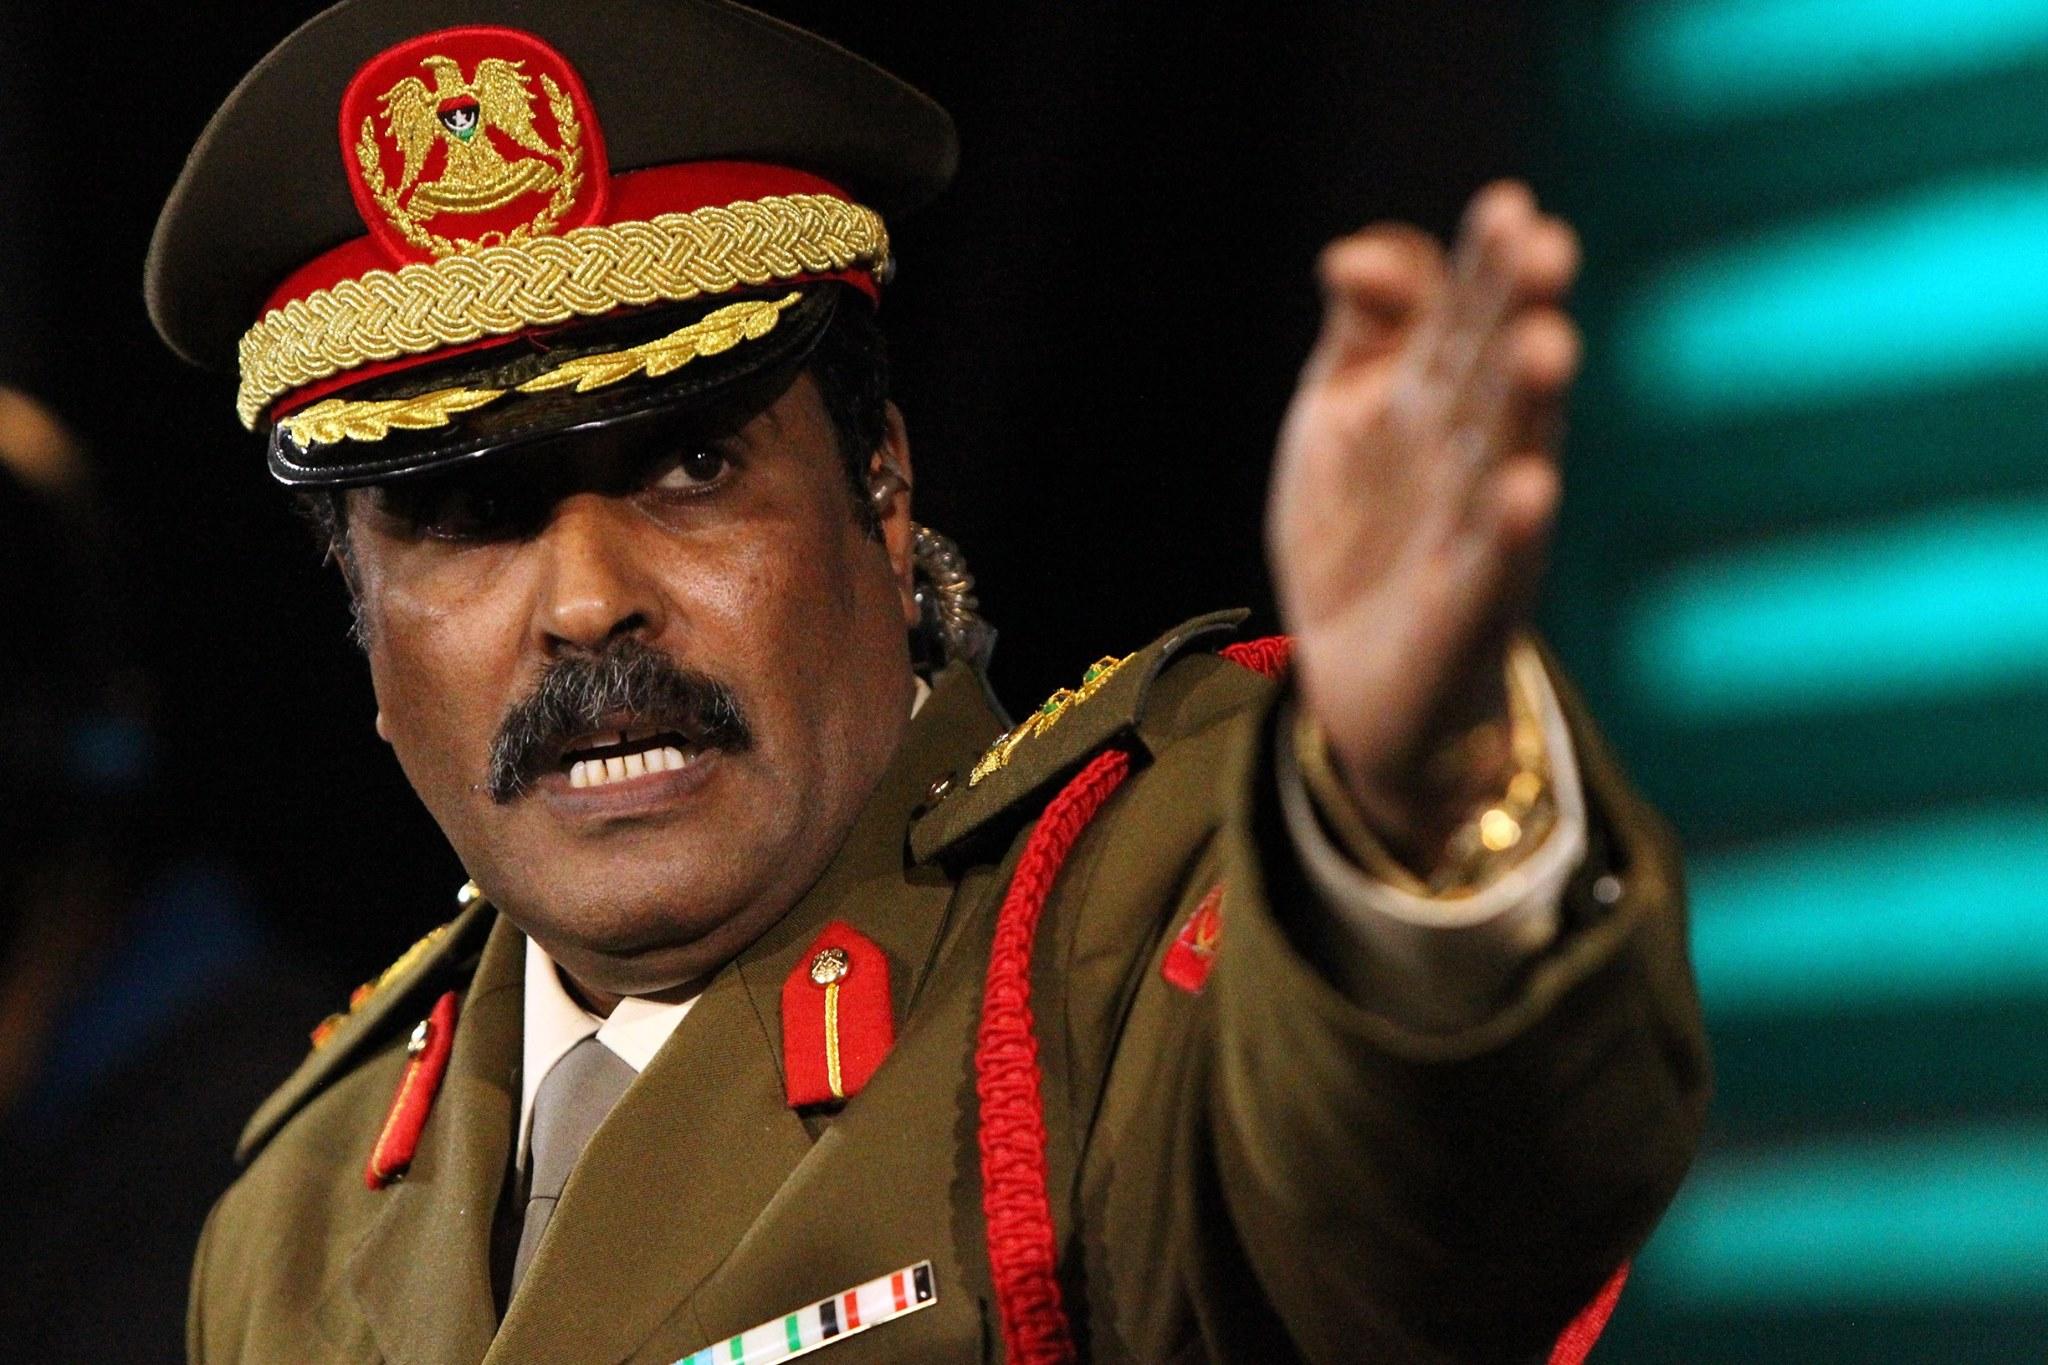 الجيش الليبي يتّهم تركيا بإيواء قيادات إرهابيّة